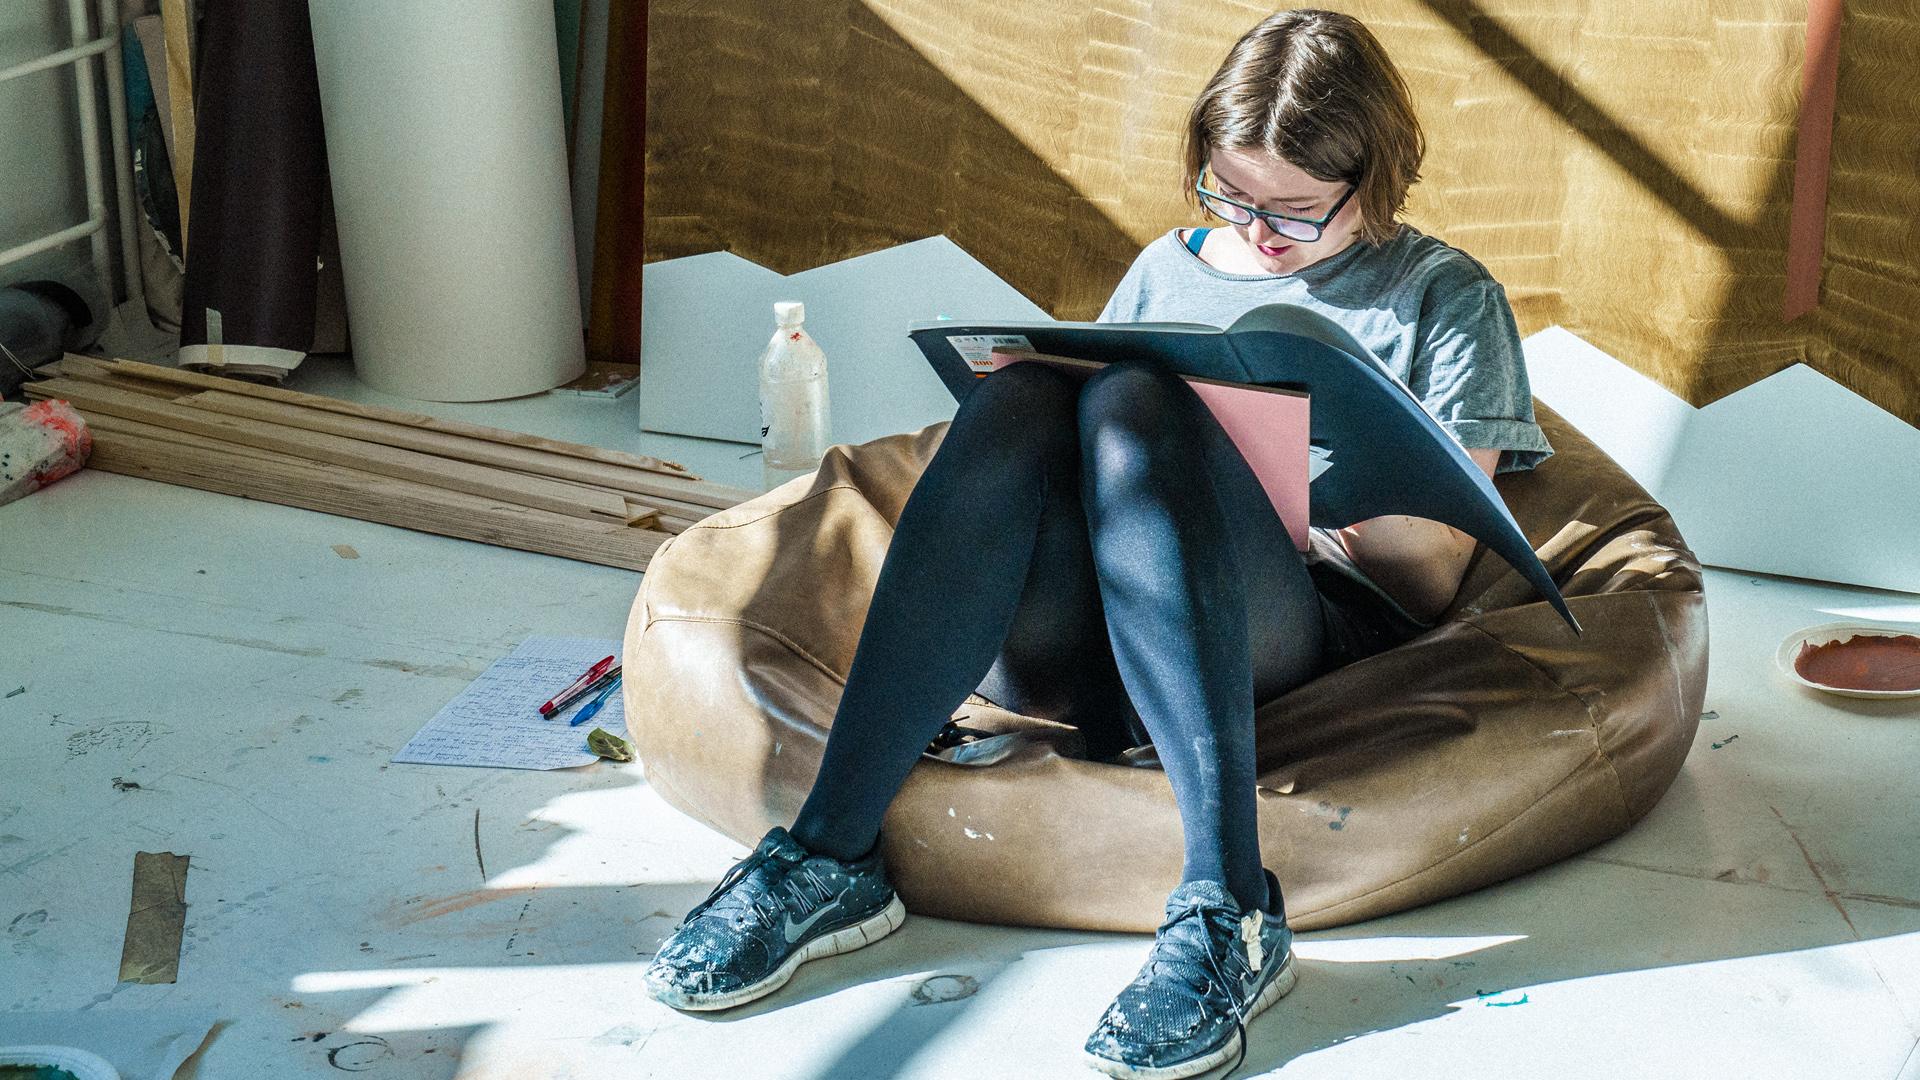 Taideyliopiston opiskelija istuu lukemassa. Kuva: Veikko Kähkönen